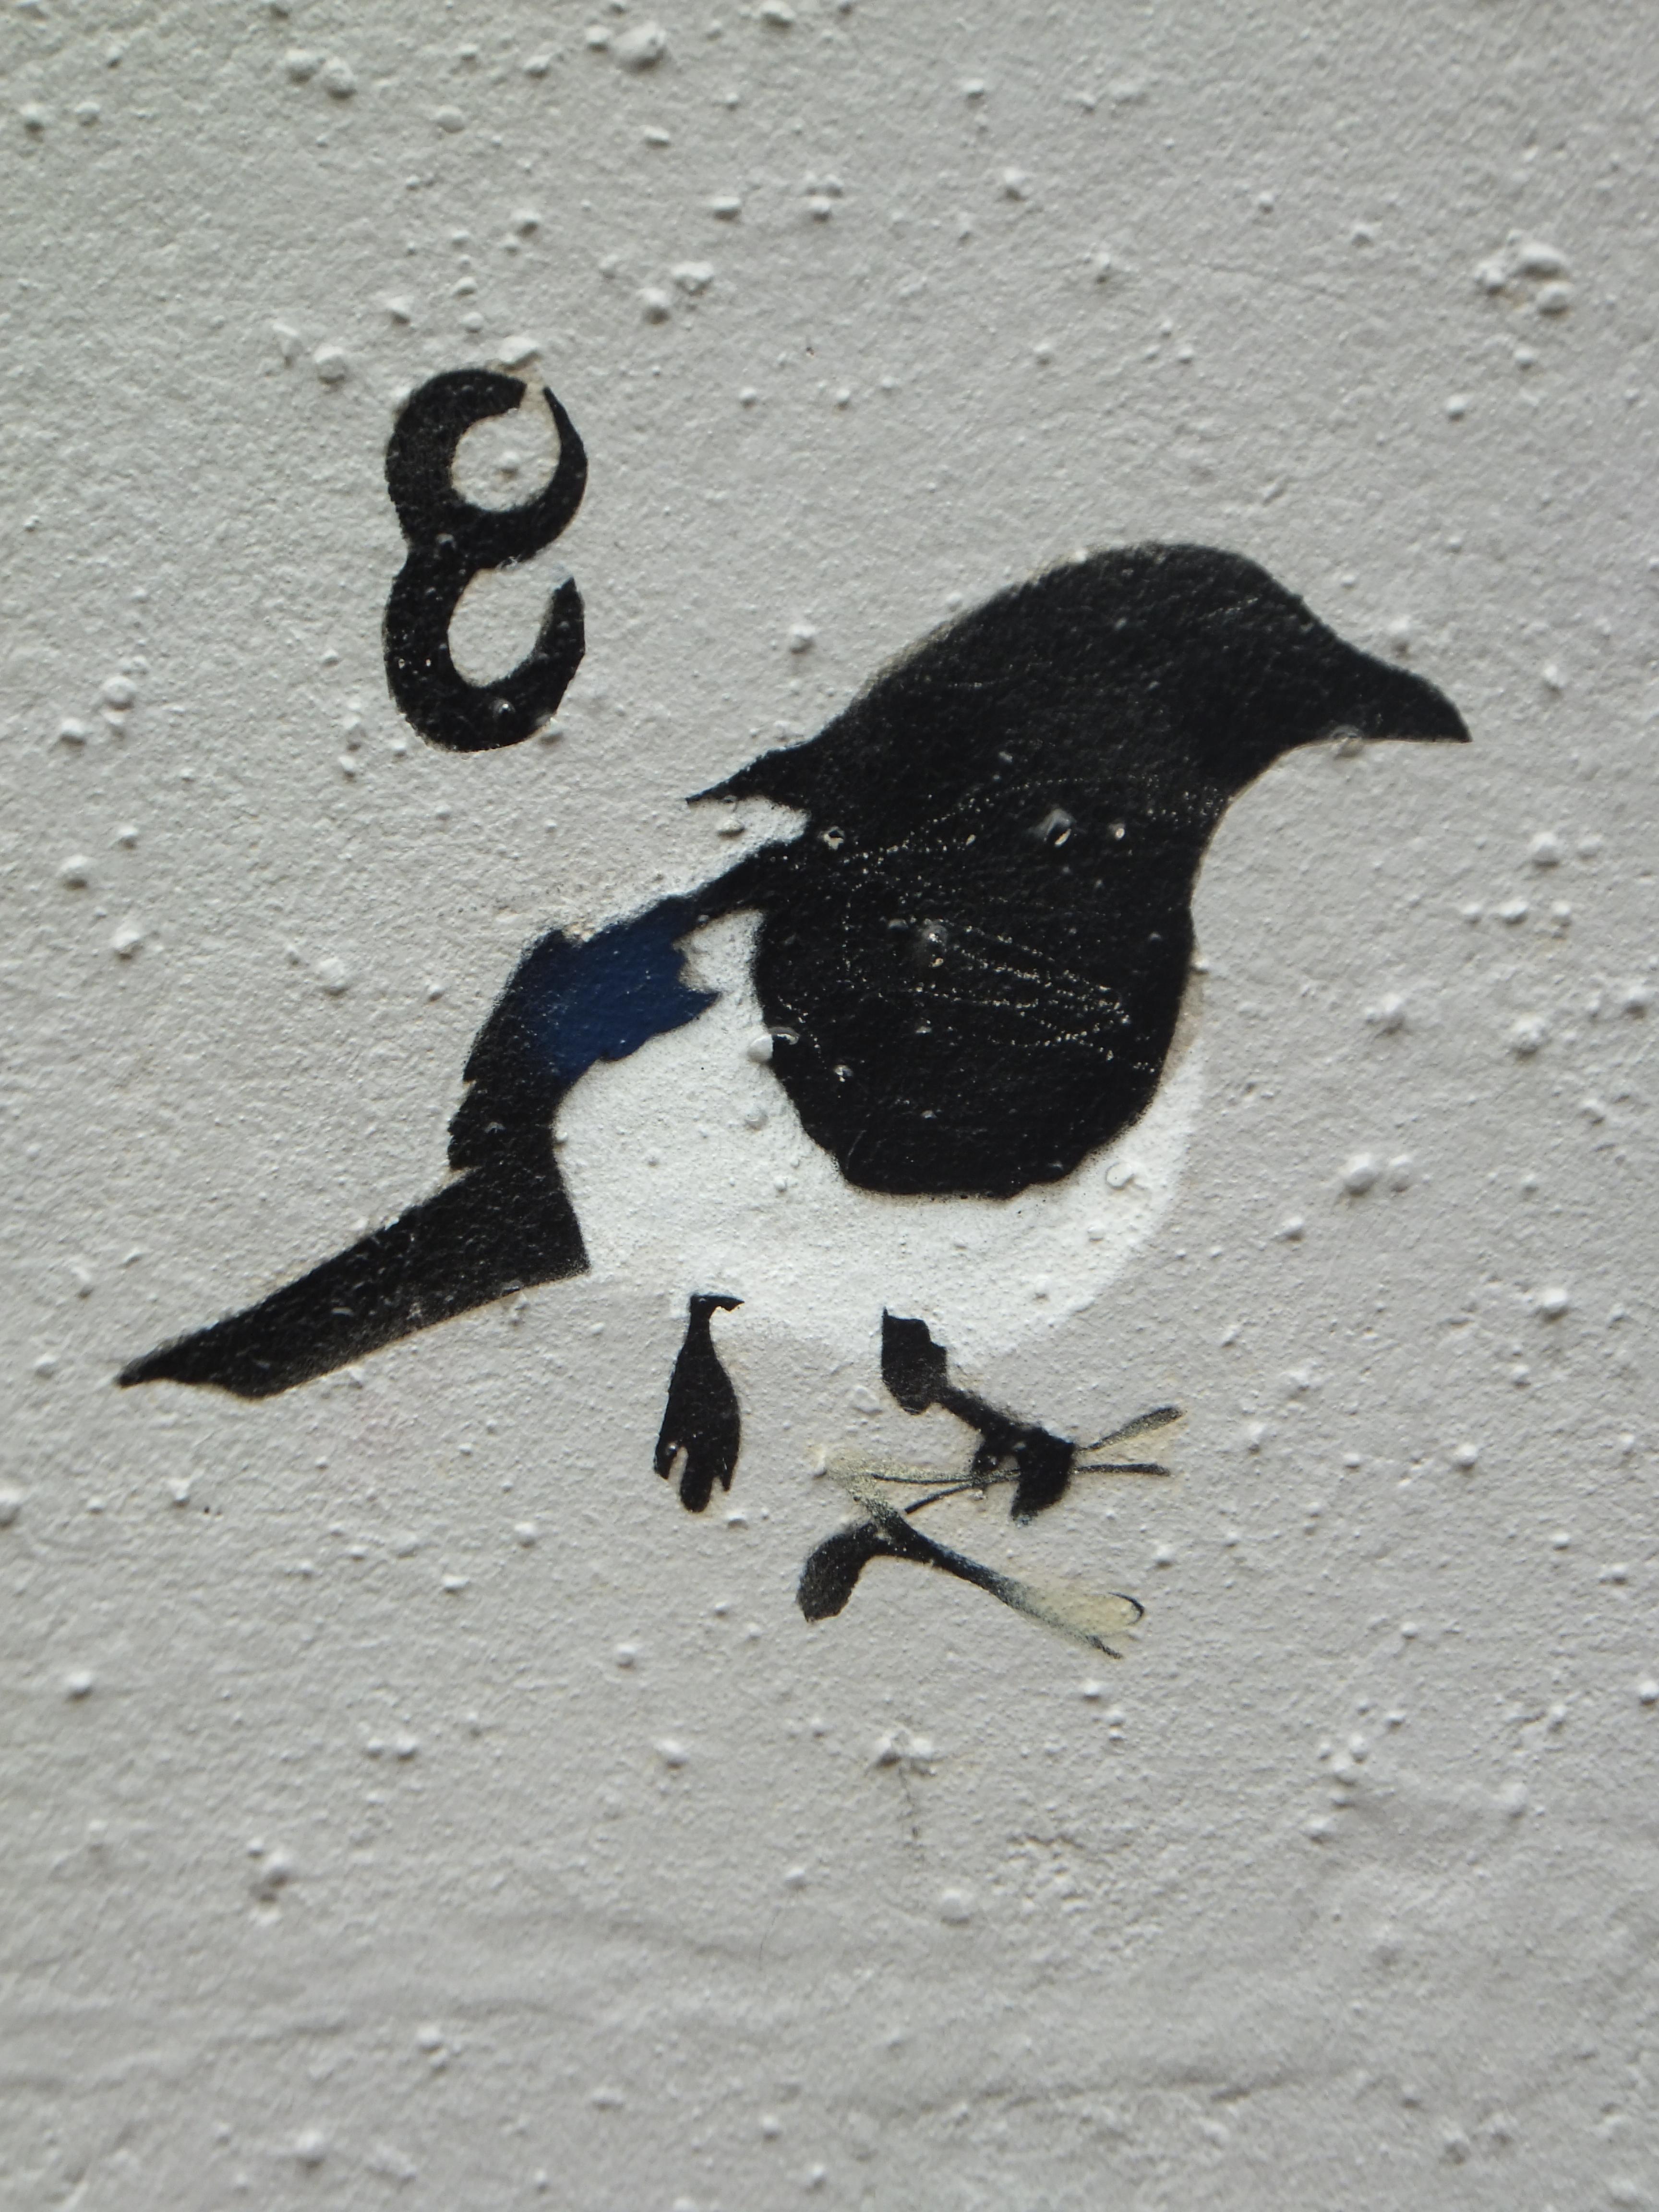 μεγάλο μαύρο πουλί κερατάς